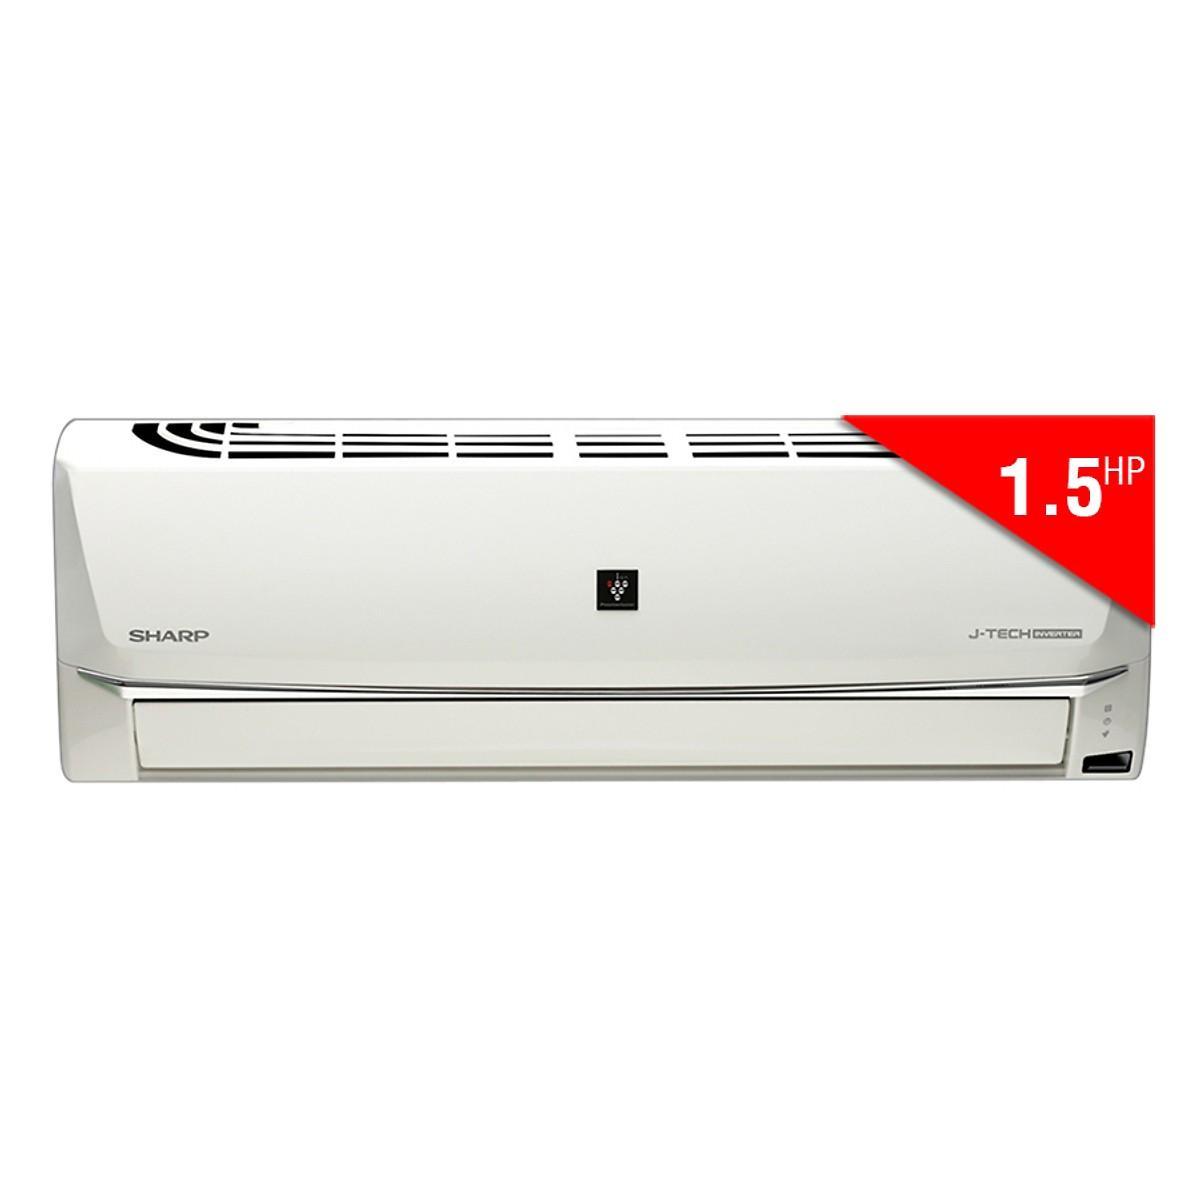 Máy lạnhinverter SharpAH-XP13SHW1.5HP (Trắng)